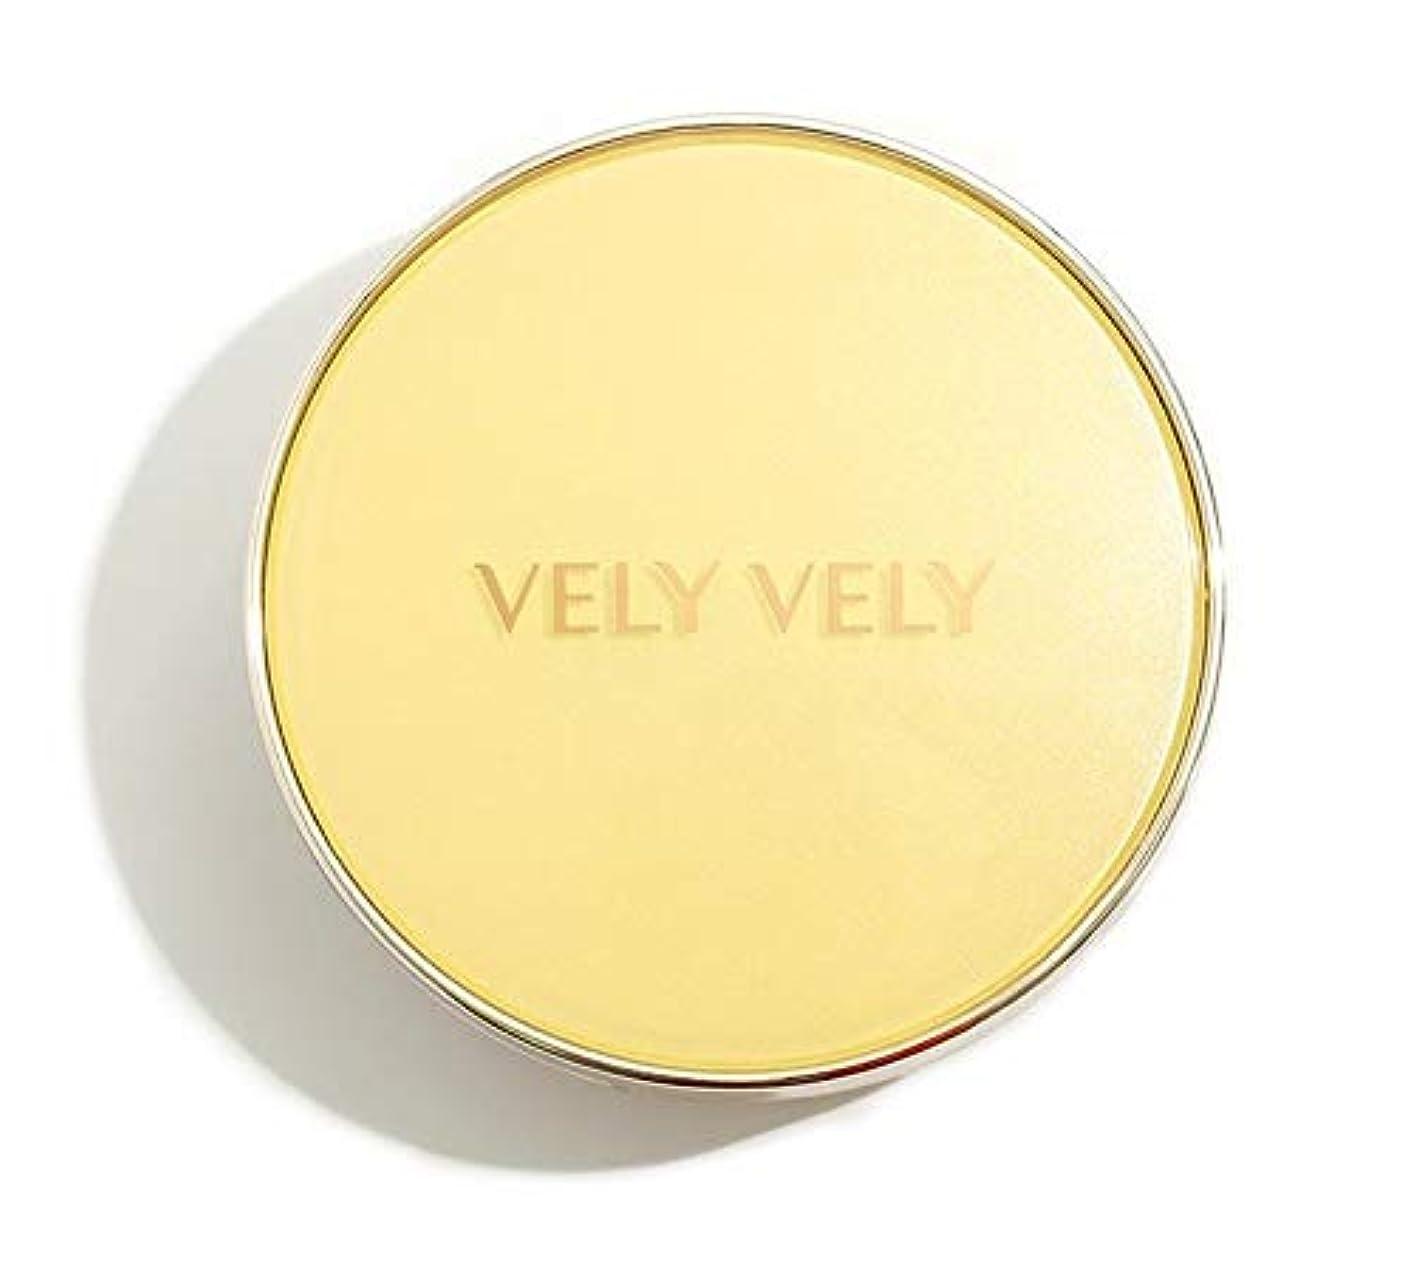 限界広げる銛VELY VELY Aura Honey Glow Cushion/ブリーブリーアウラハニーグロークッション[単品 15g+リフィル15g] (23号 ナチュラル[本品+リフィル]) [並行輸入品]